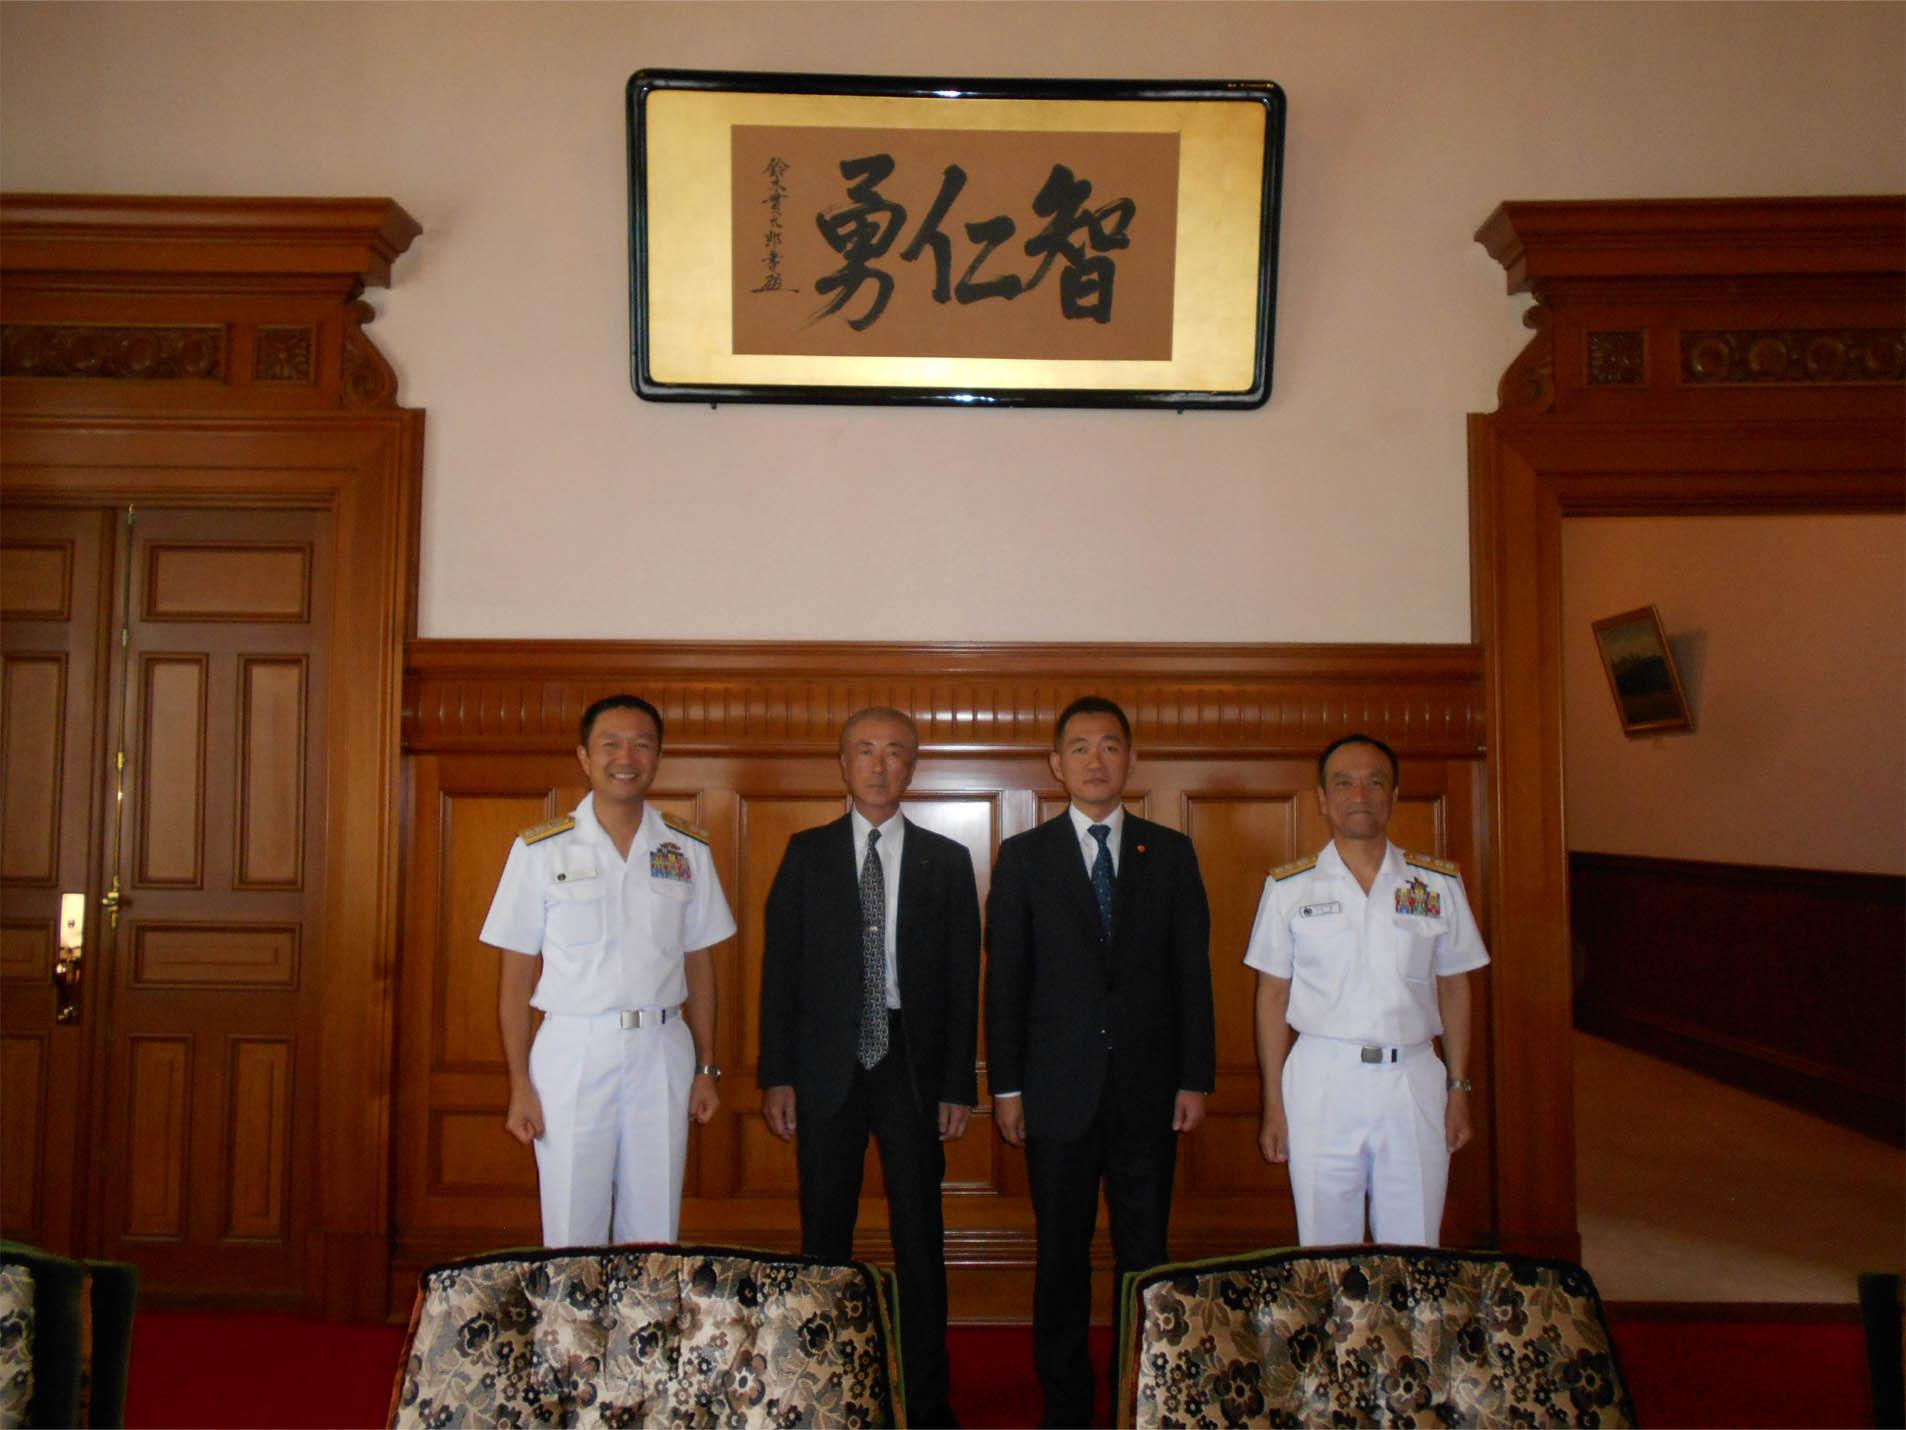 幹部 名簿 自衛隊 海上